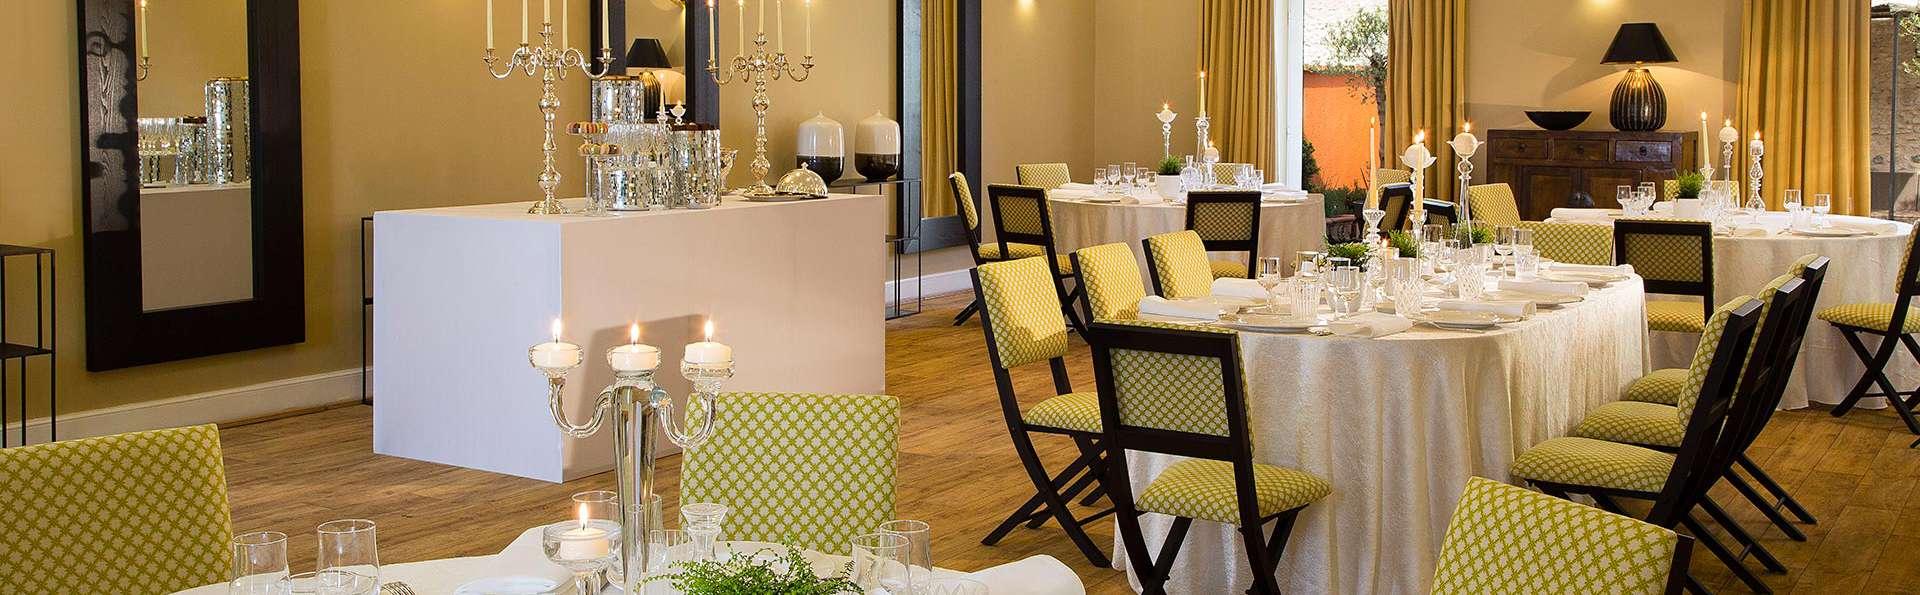 Hôtel de France Angerville - EDIT_restaurant2.jpg